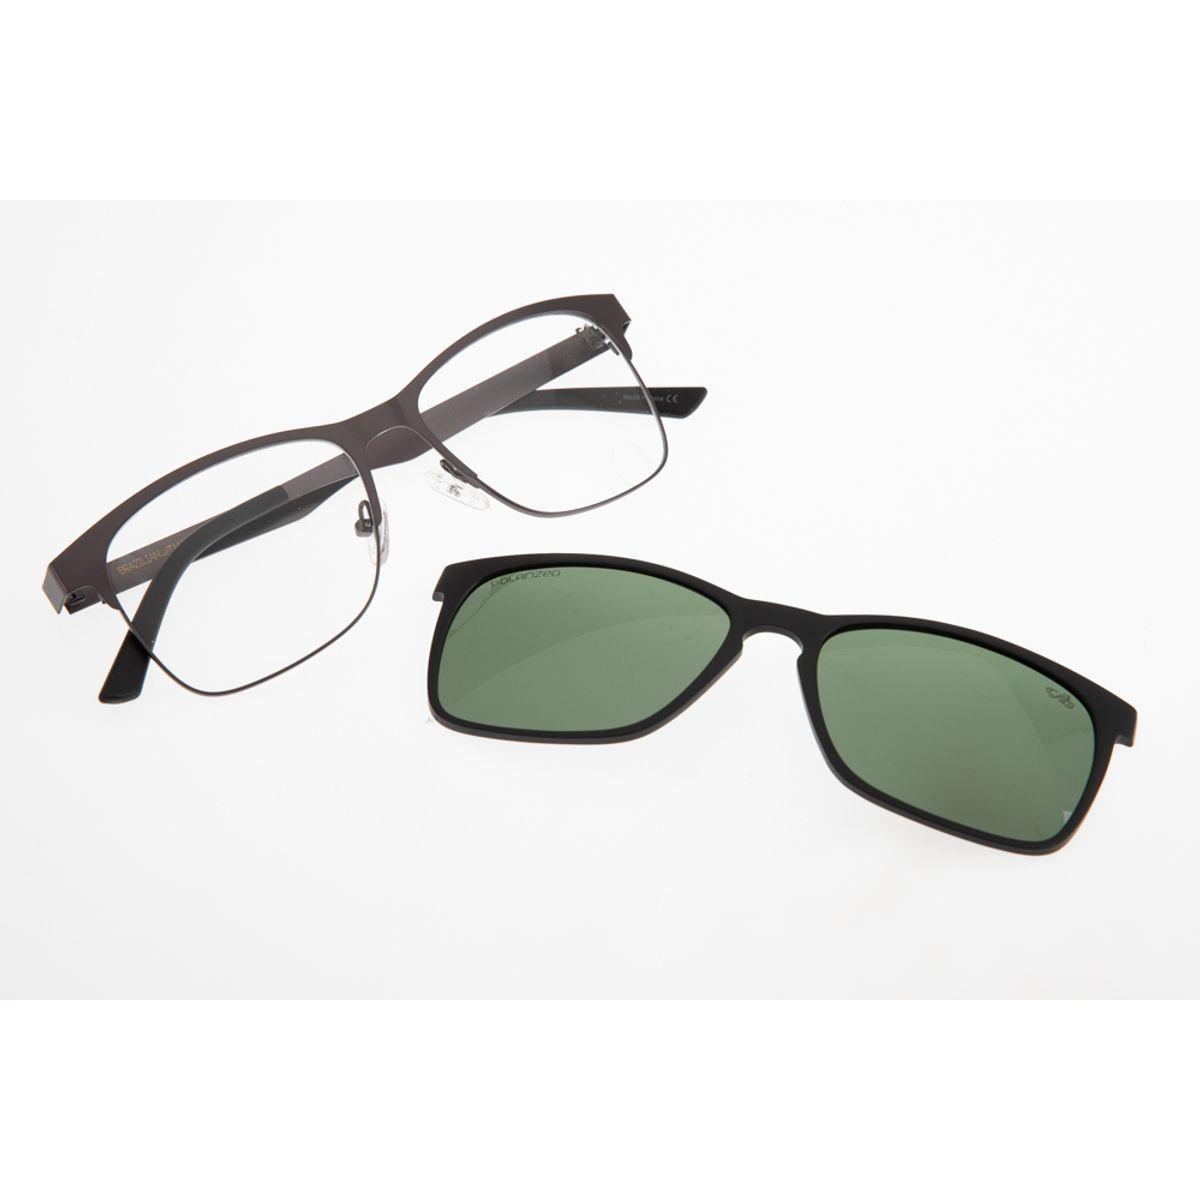 8a9c8a2b2 Armação para óculos de grau Chilli Beans Unissex Multi 2 em 1 Cinza ...